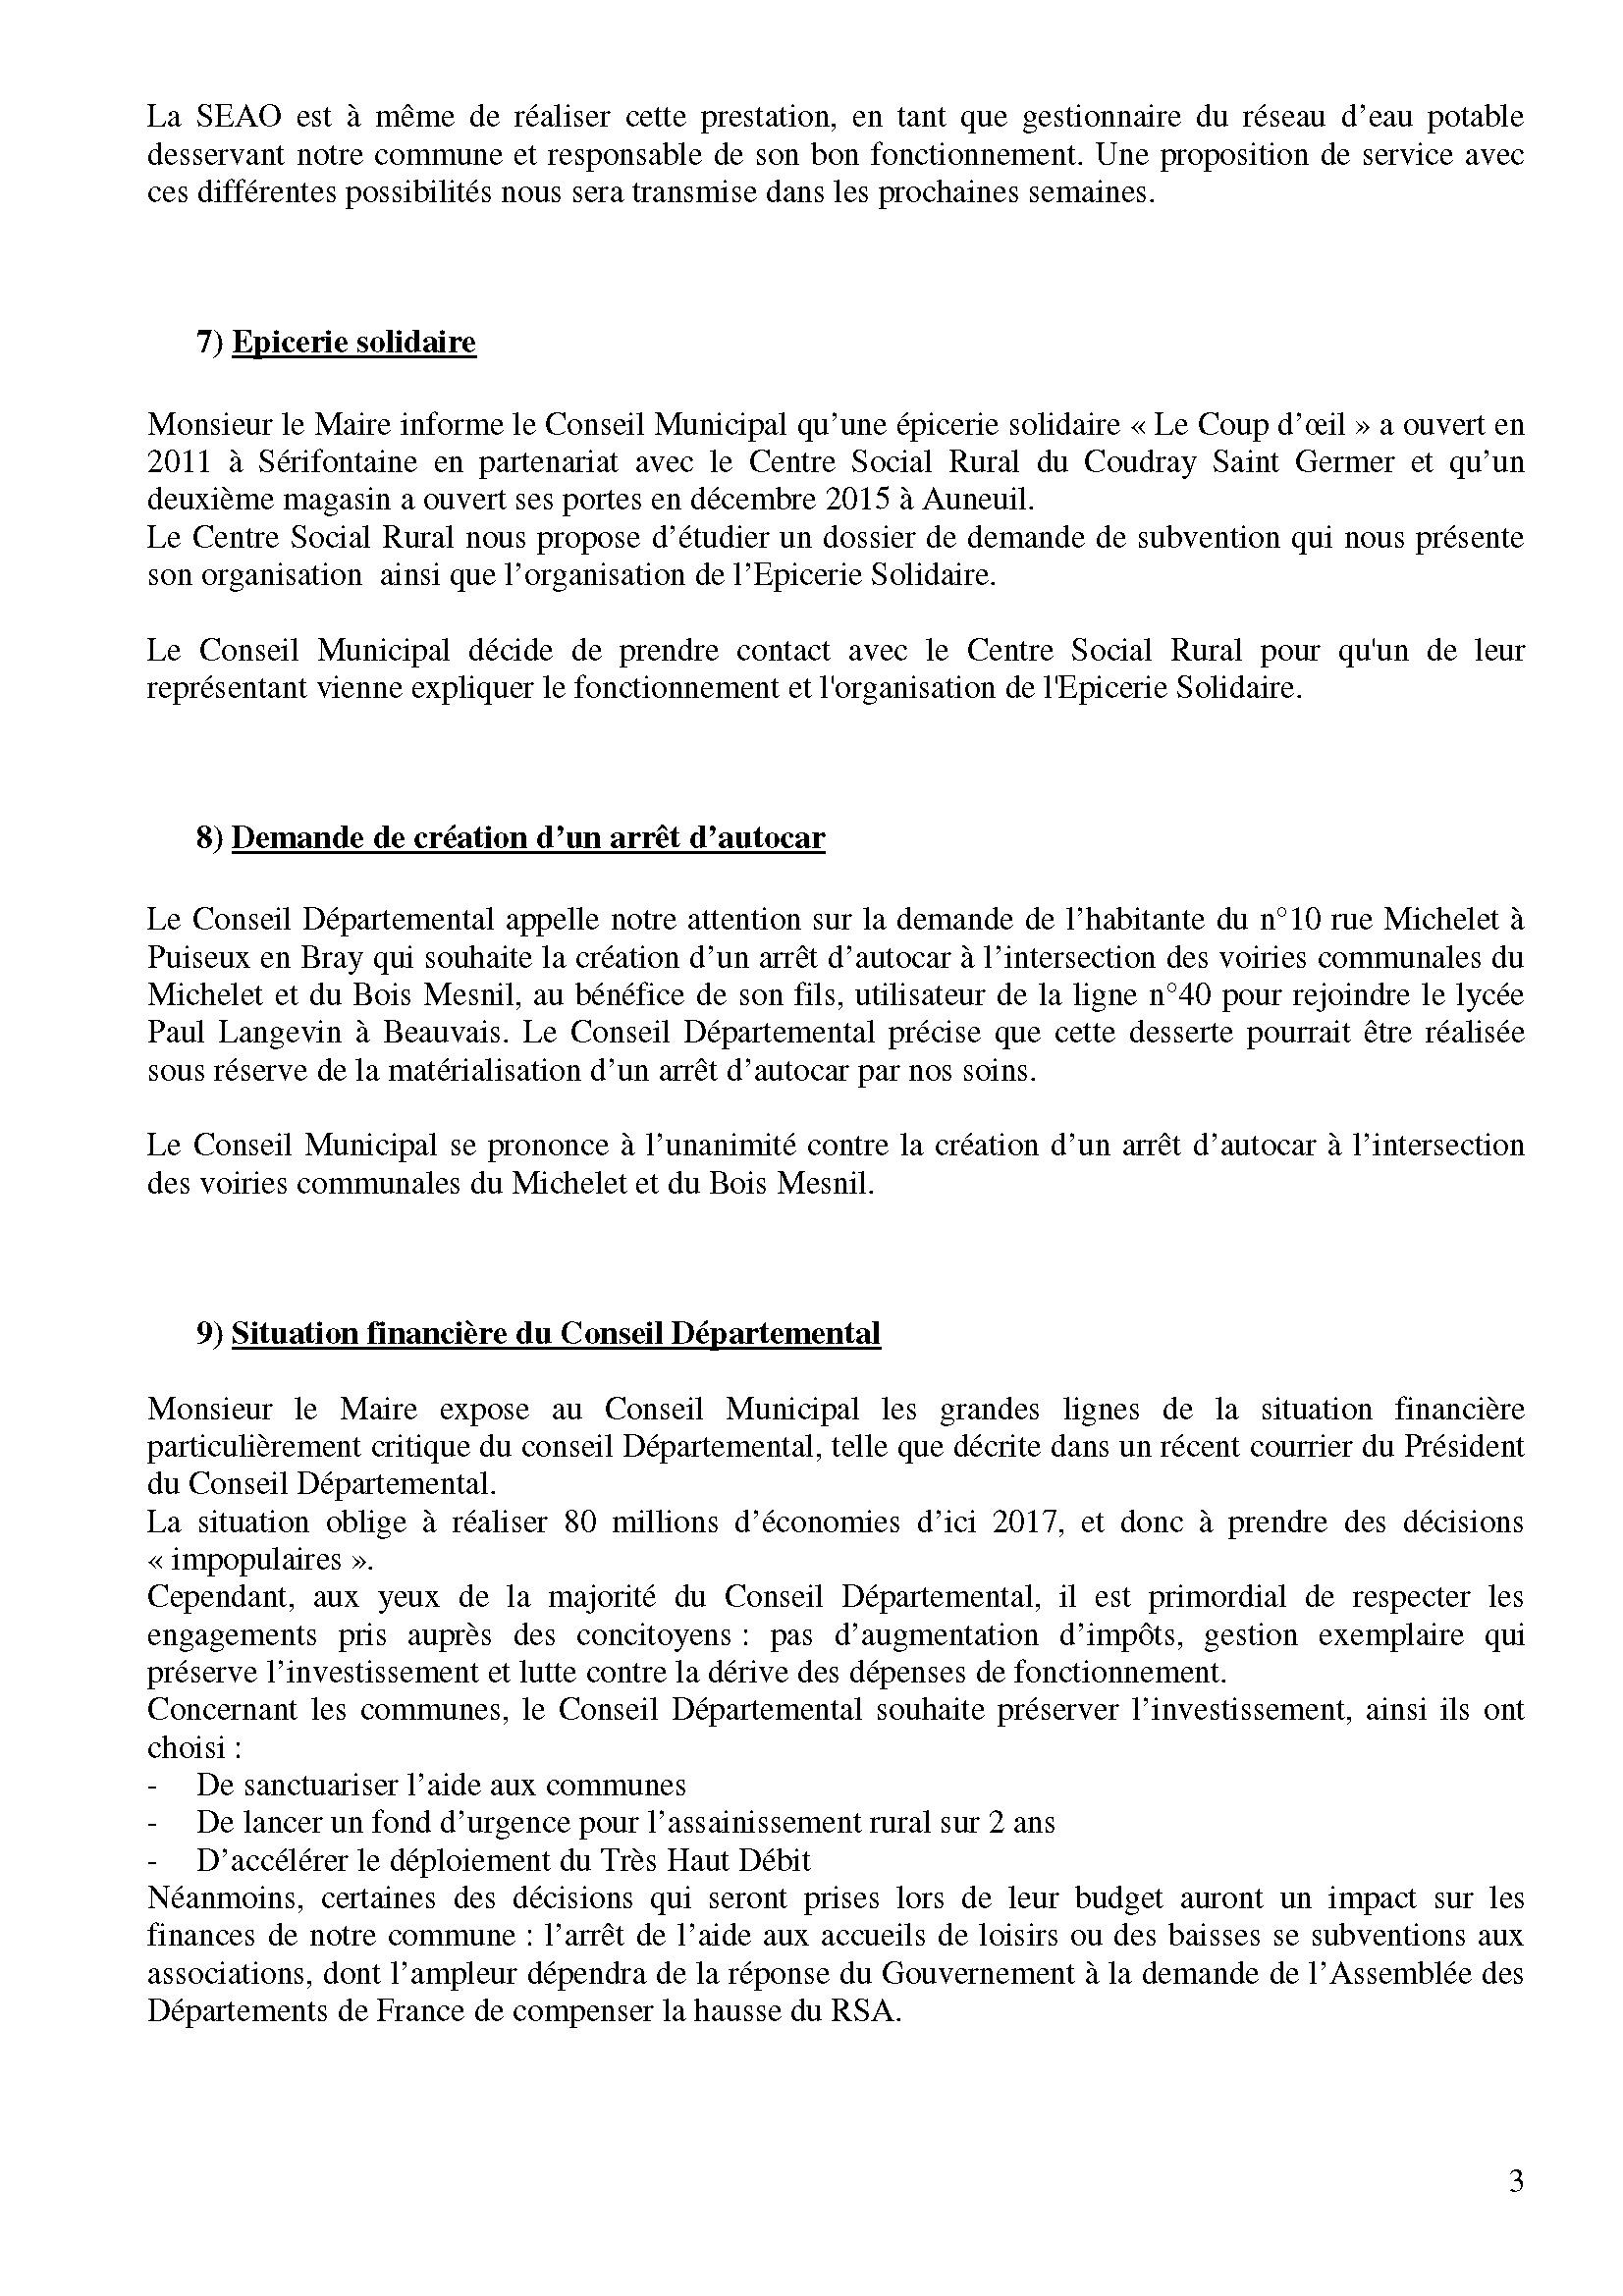 cr-du-08012016-page-3